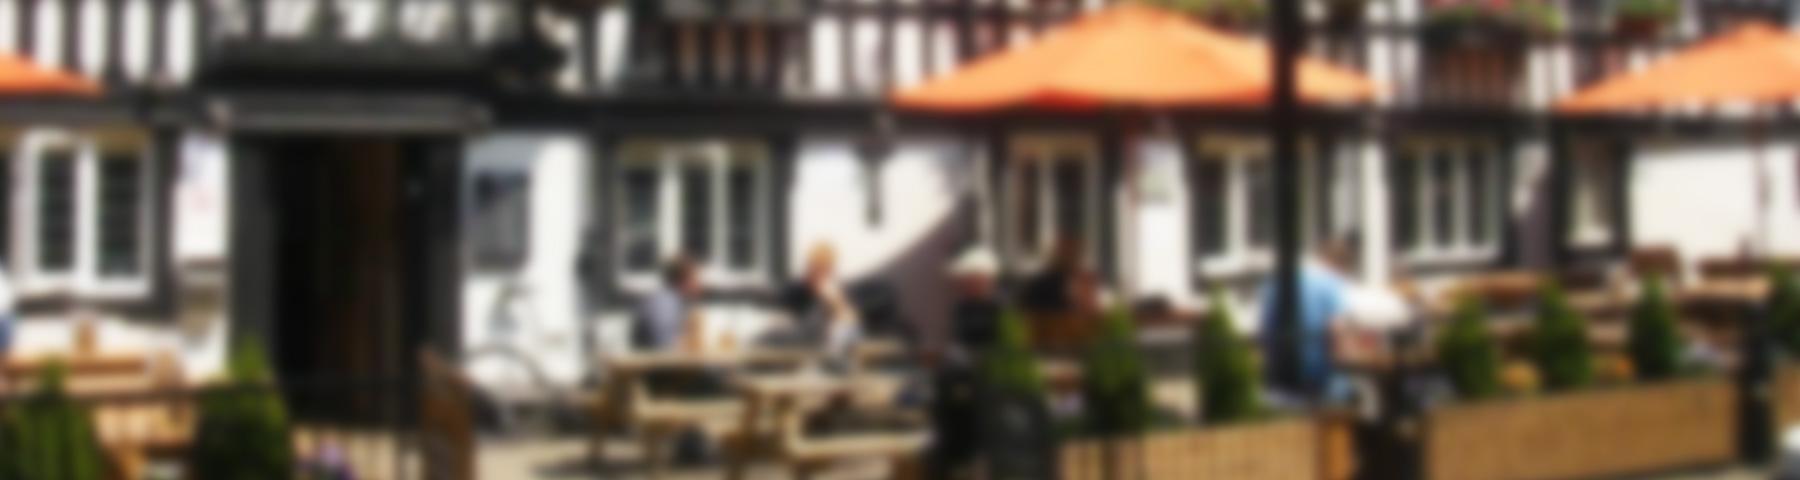 chorlton-banner-bg-new